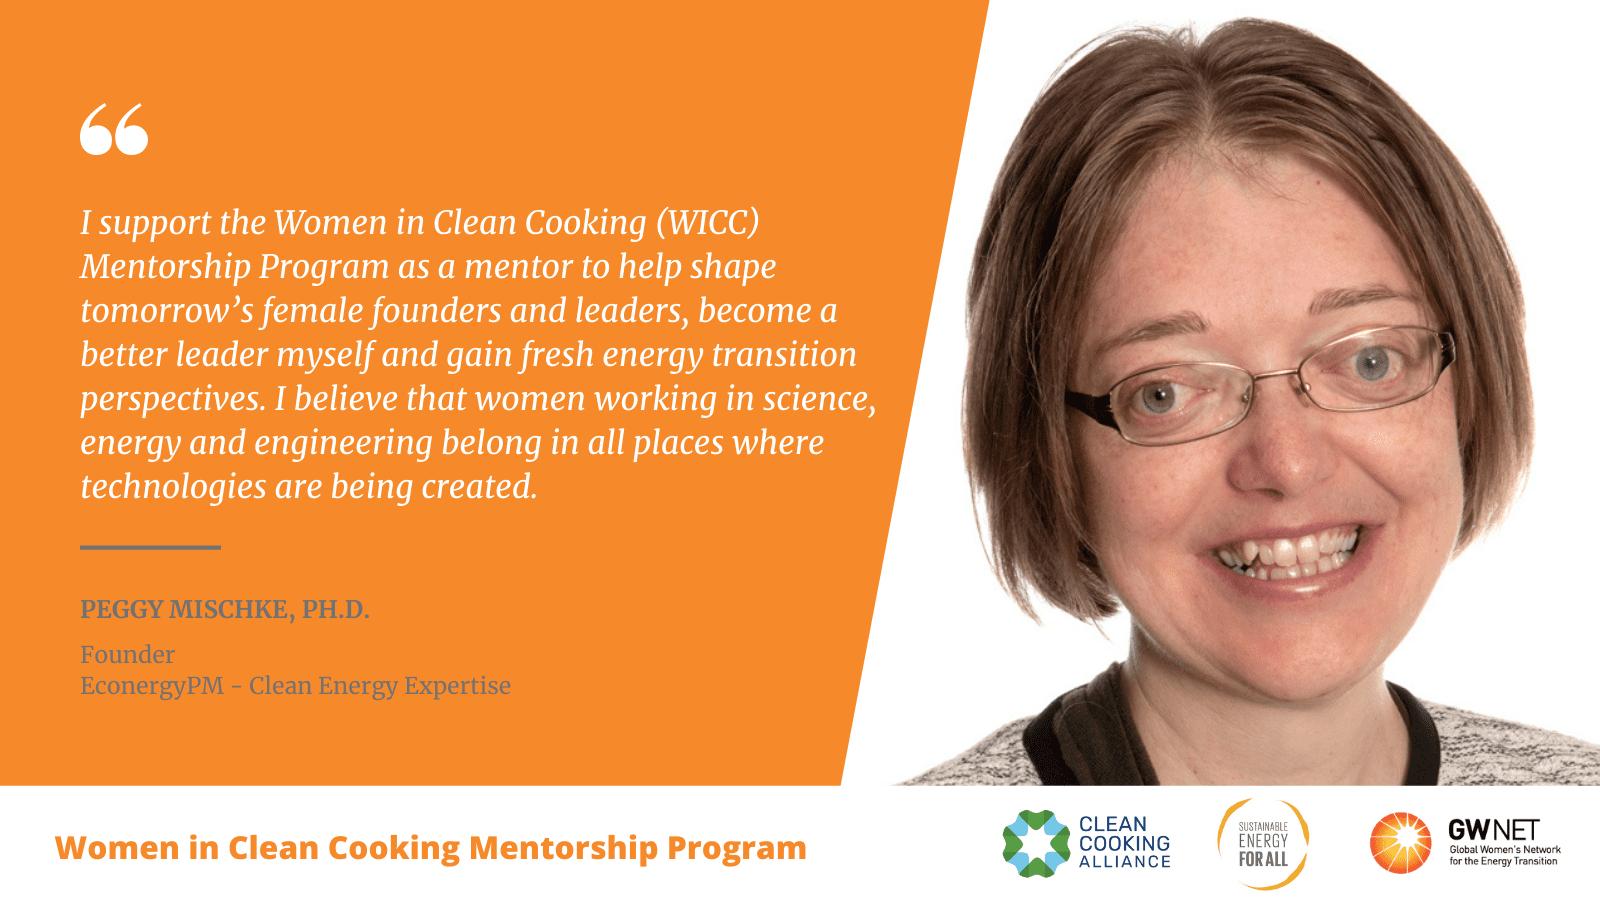 Peggy Mischke Women in Clean Cooking Mentorship Program